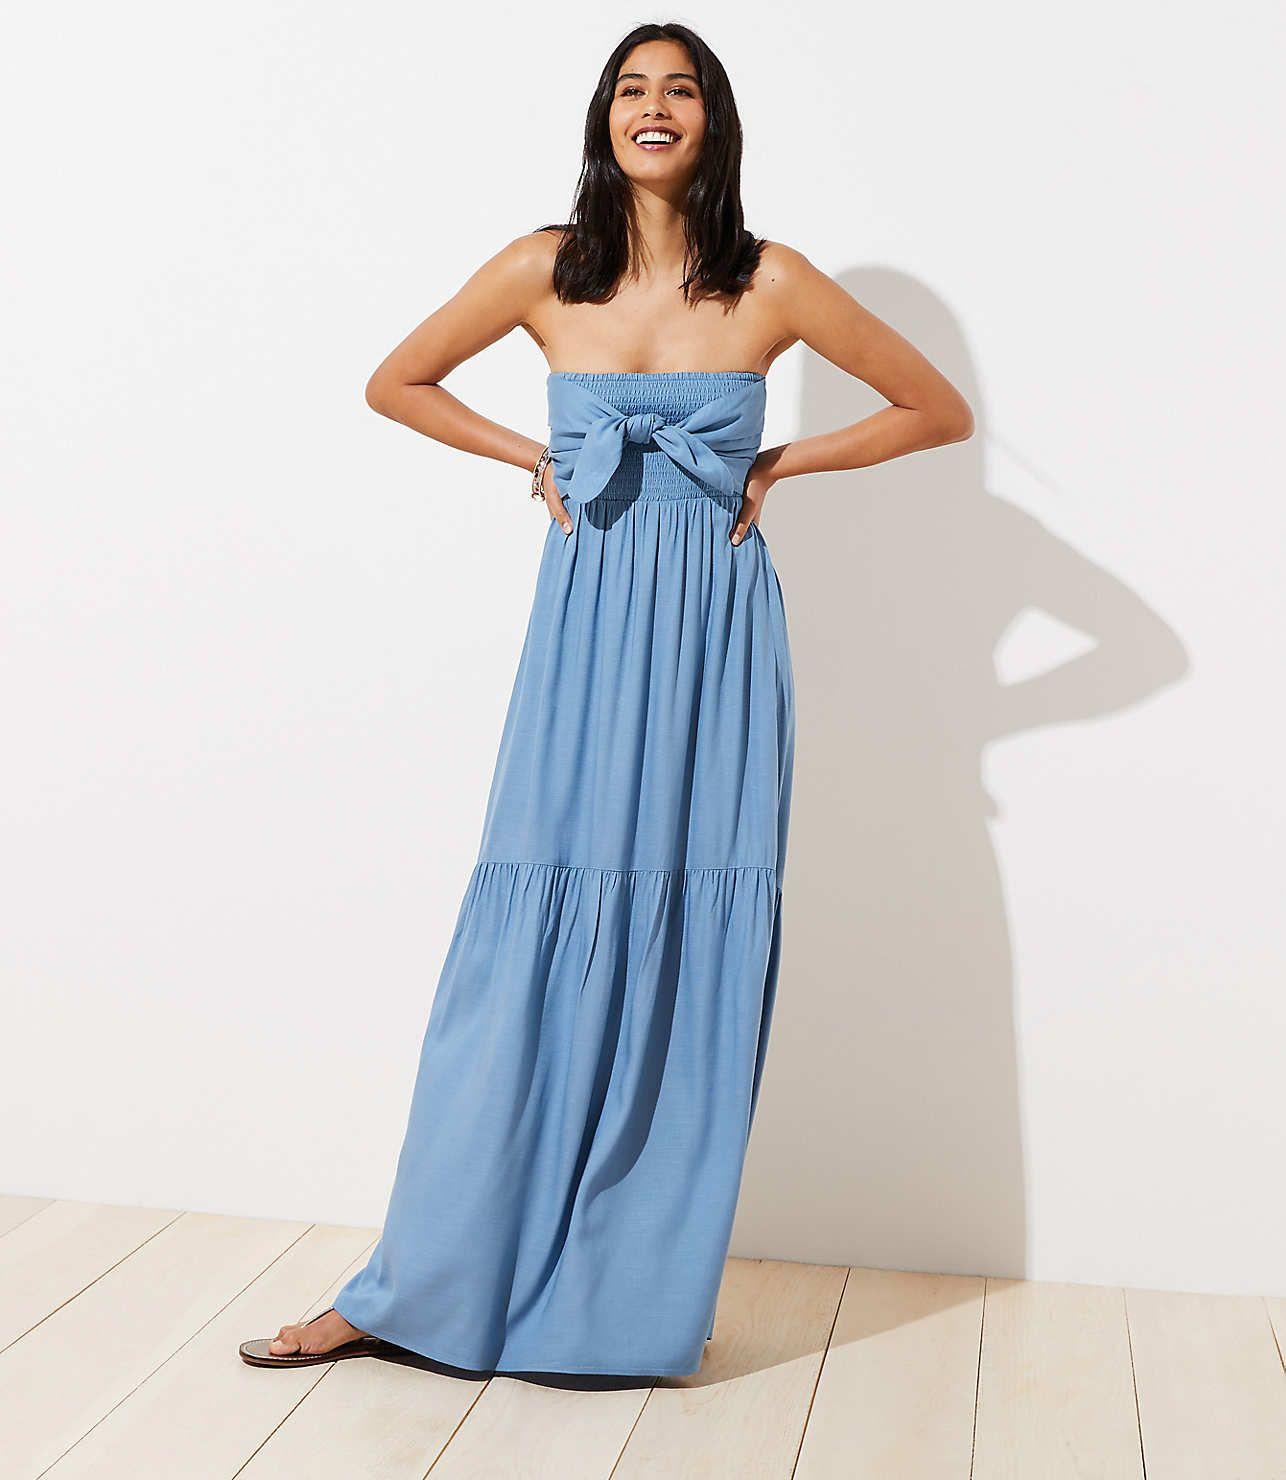 Pin By Aimee Hanstein On Wish List Strapless Dress Formal Strapless Maxi Dress Maxi Dress [ 1480 x 1286 Pixel ]